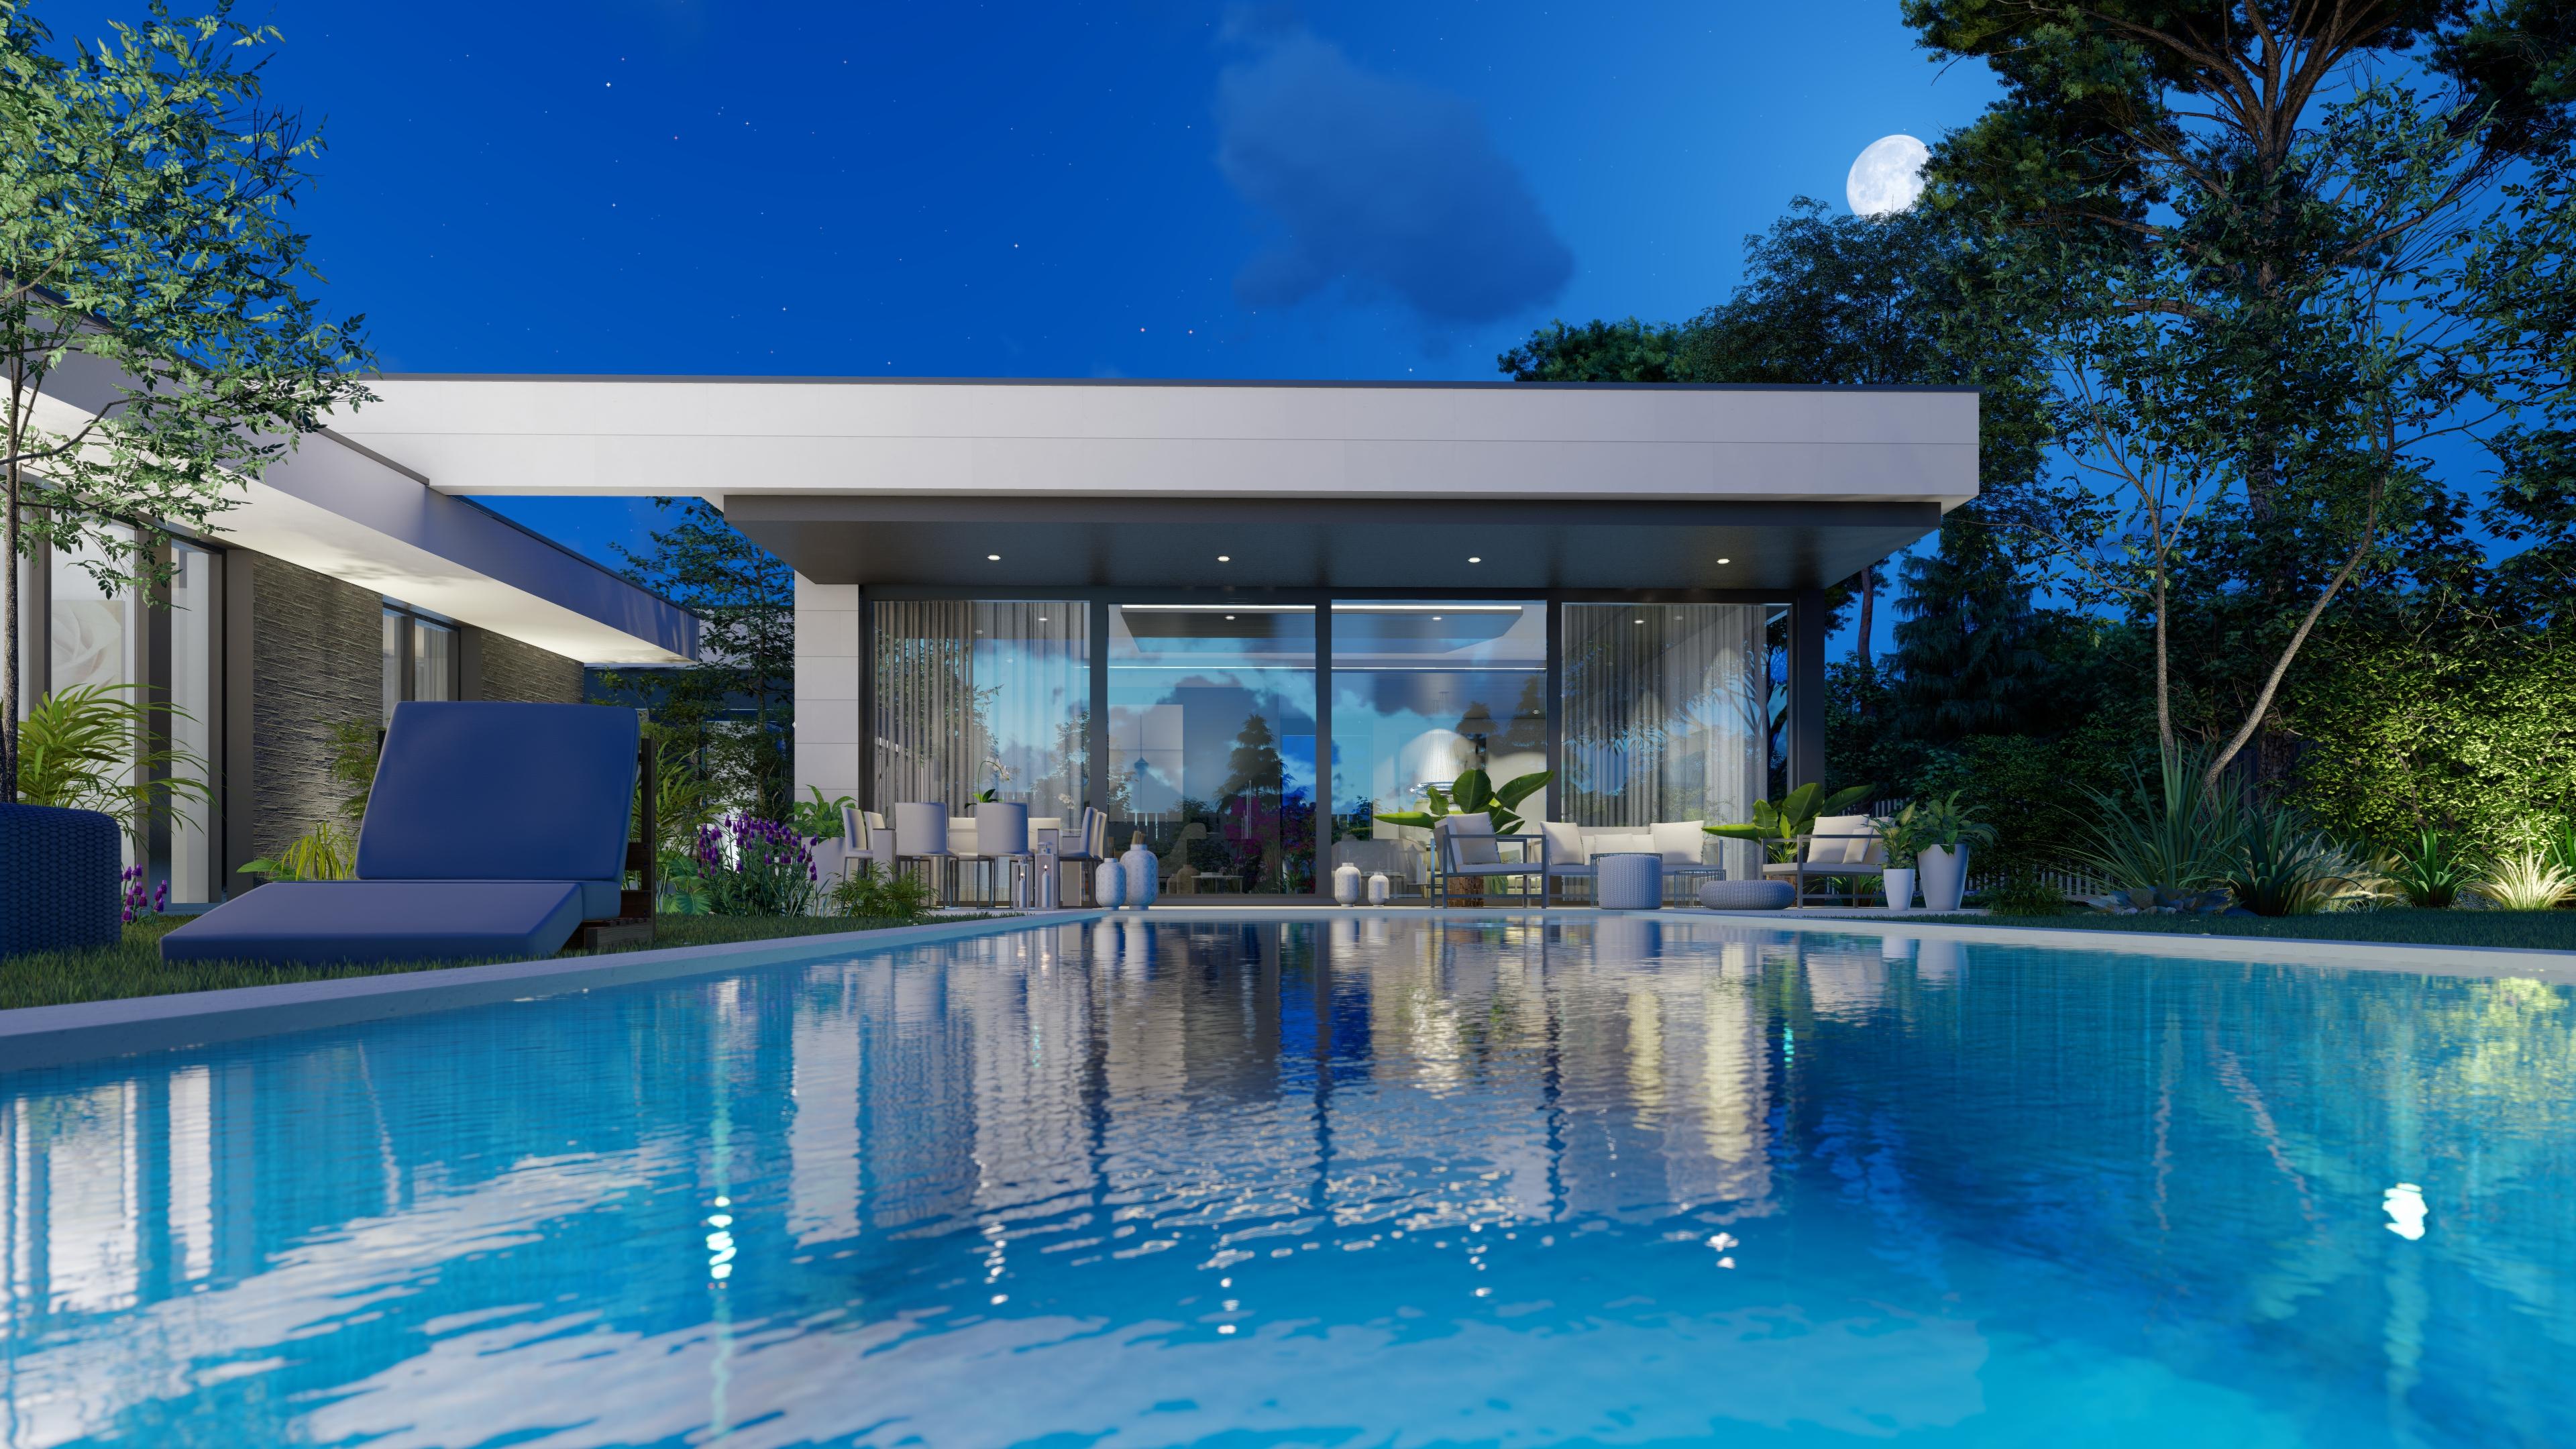 Terraza y piscina. QHOMES9 es un proyecto del estudio de arquitectura FH2L Arquitectos. Conformado por 9 viviendas unifamiliares.